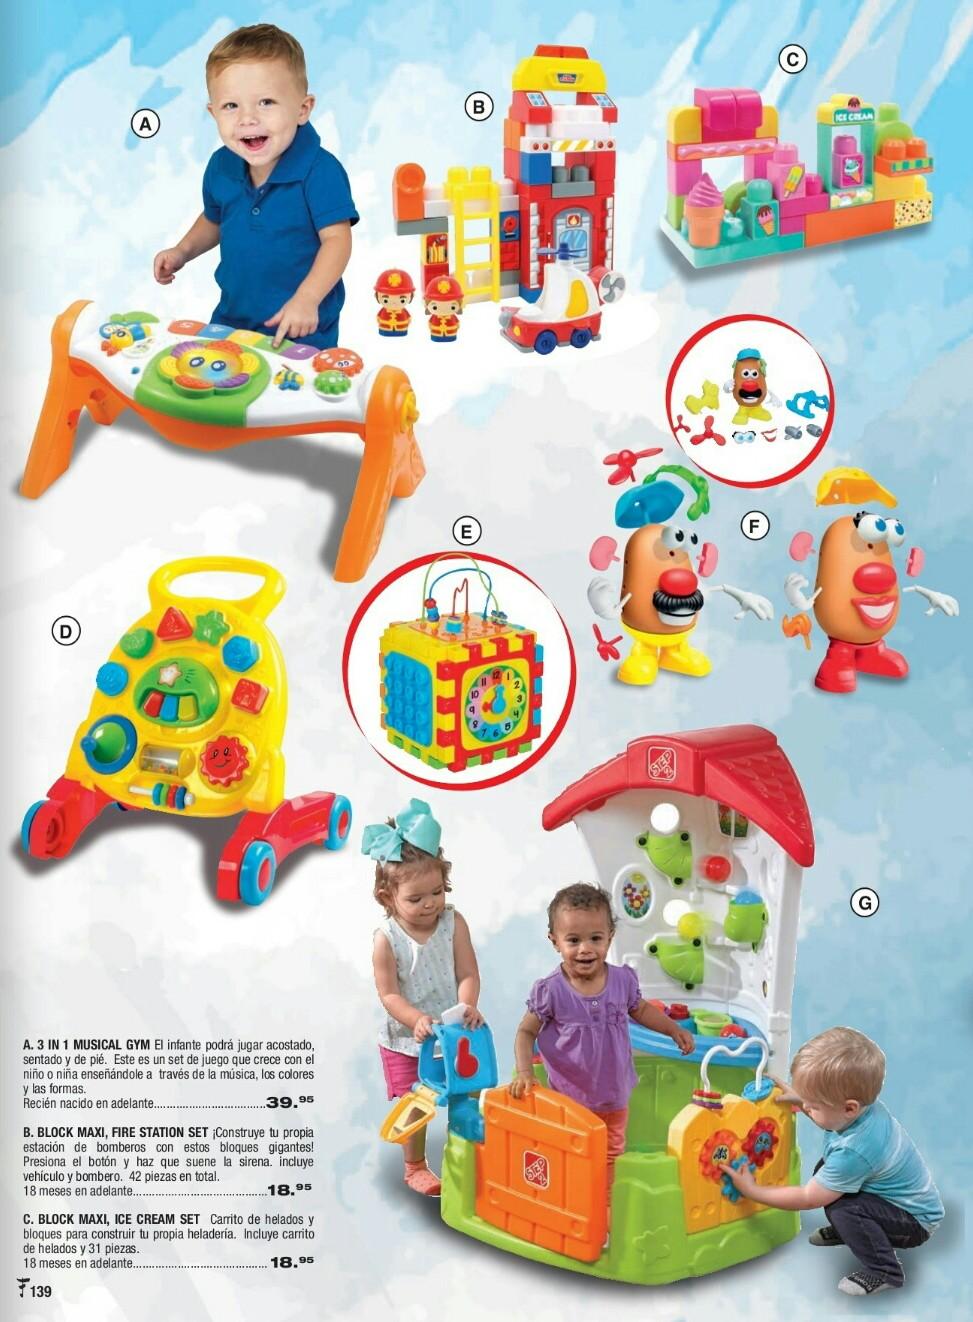 Catalogo juguetes Felix B Maduro 2018 p139